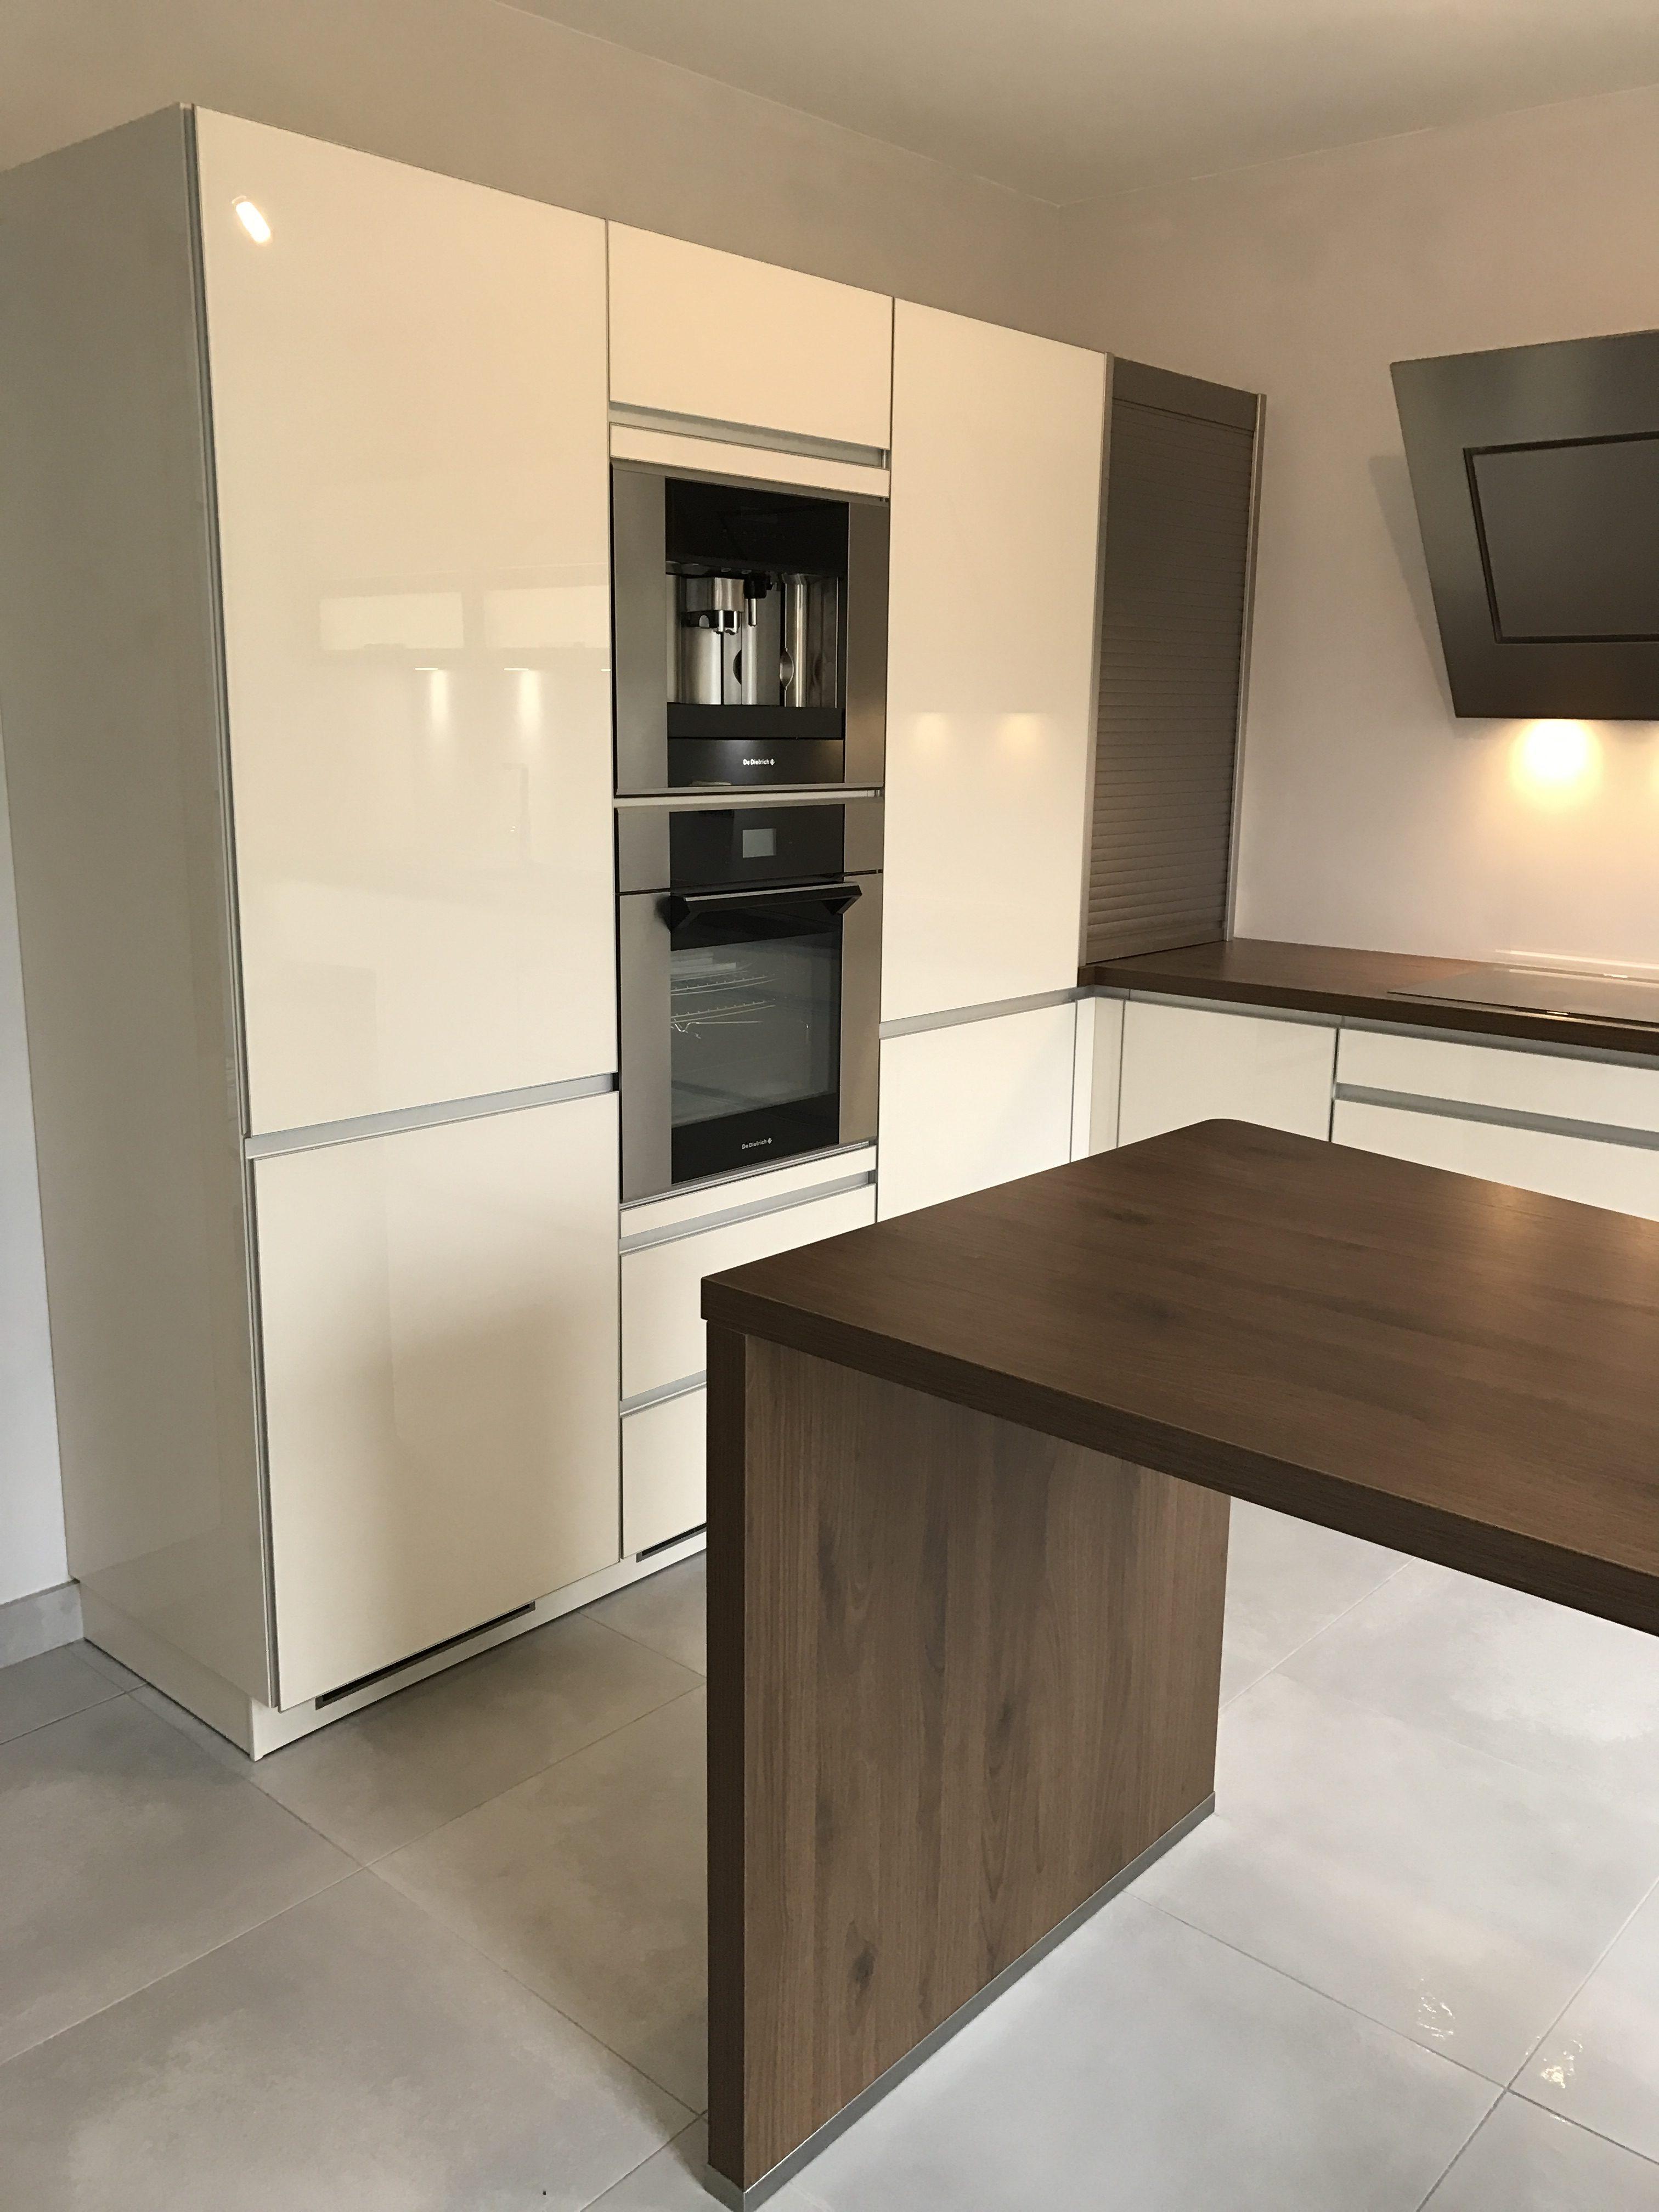 realisations-lcrdp-renovation-orleans-peinture-renovation-decoration-cuisine